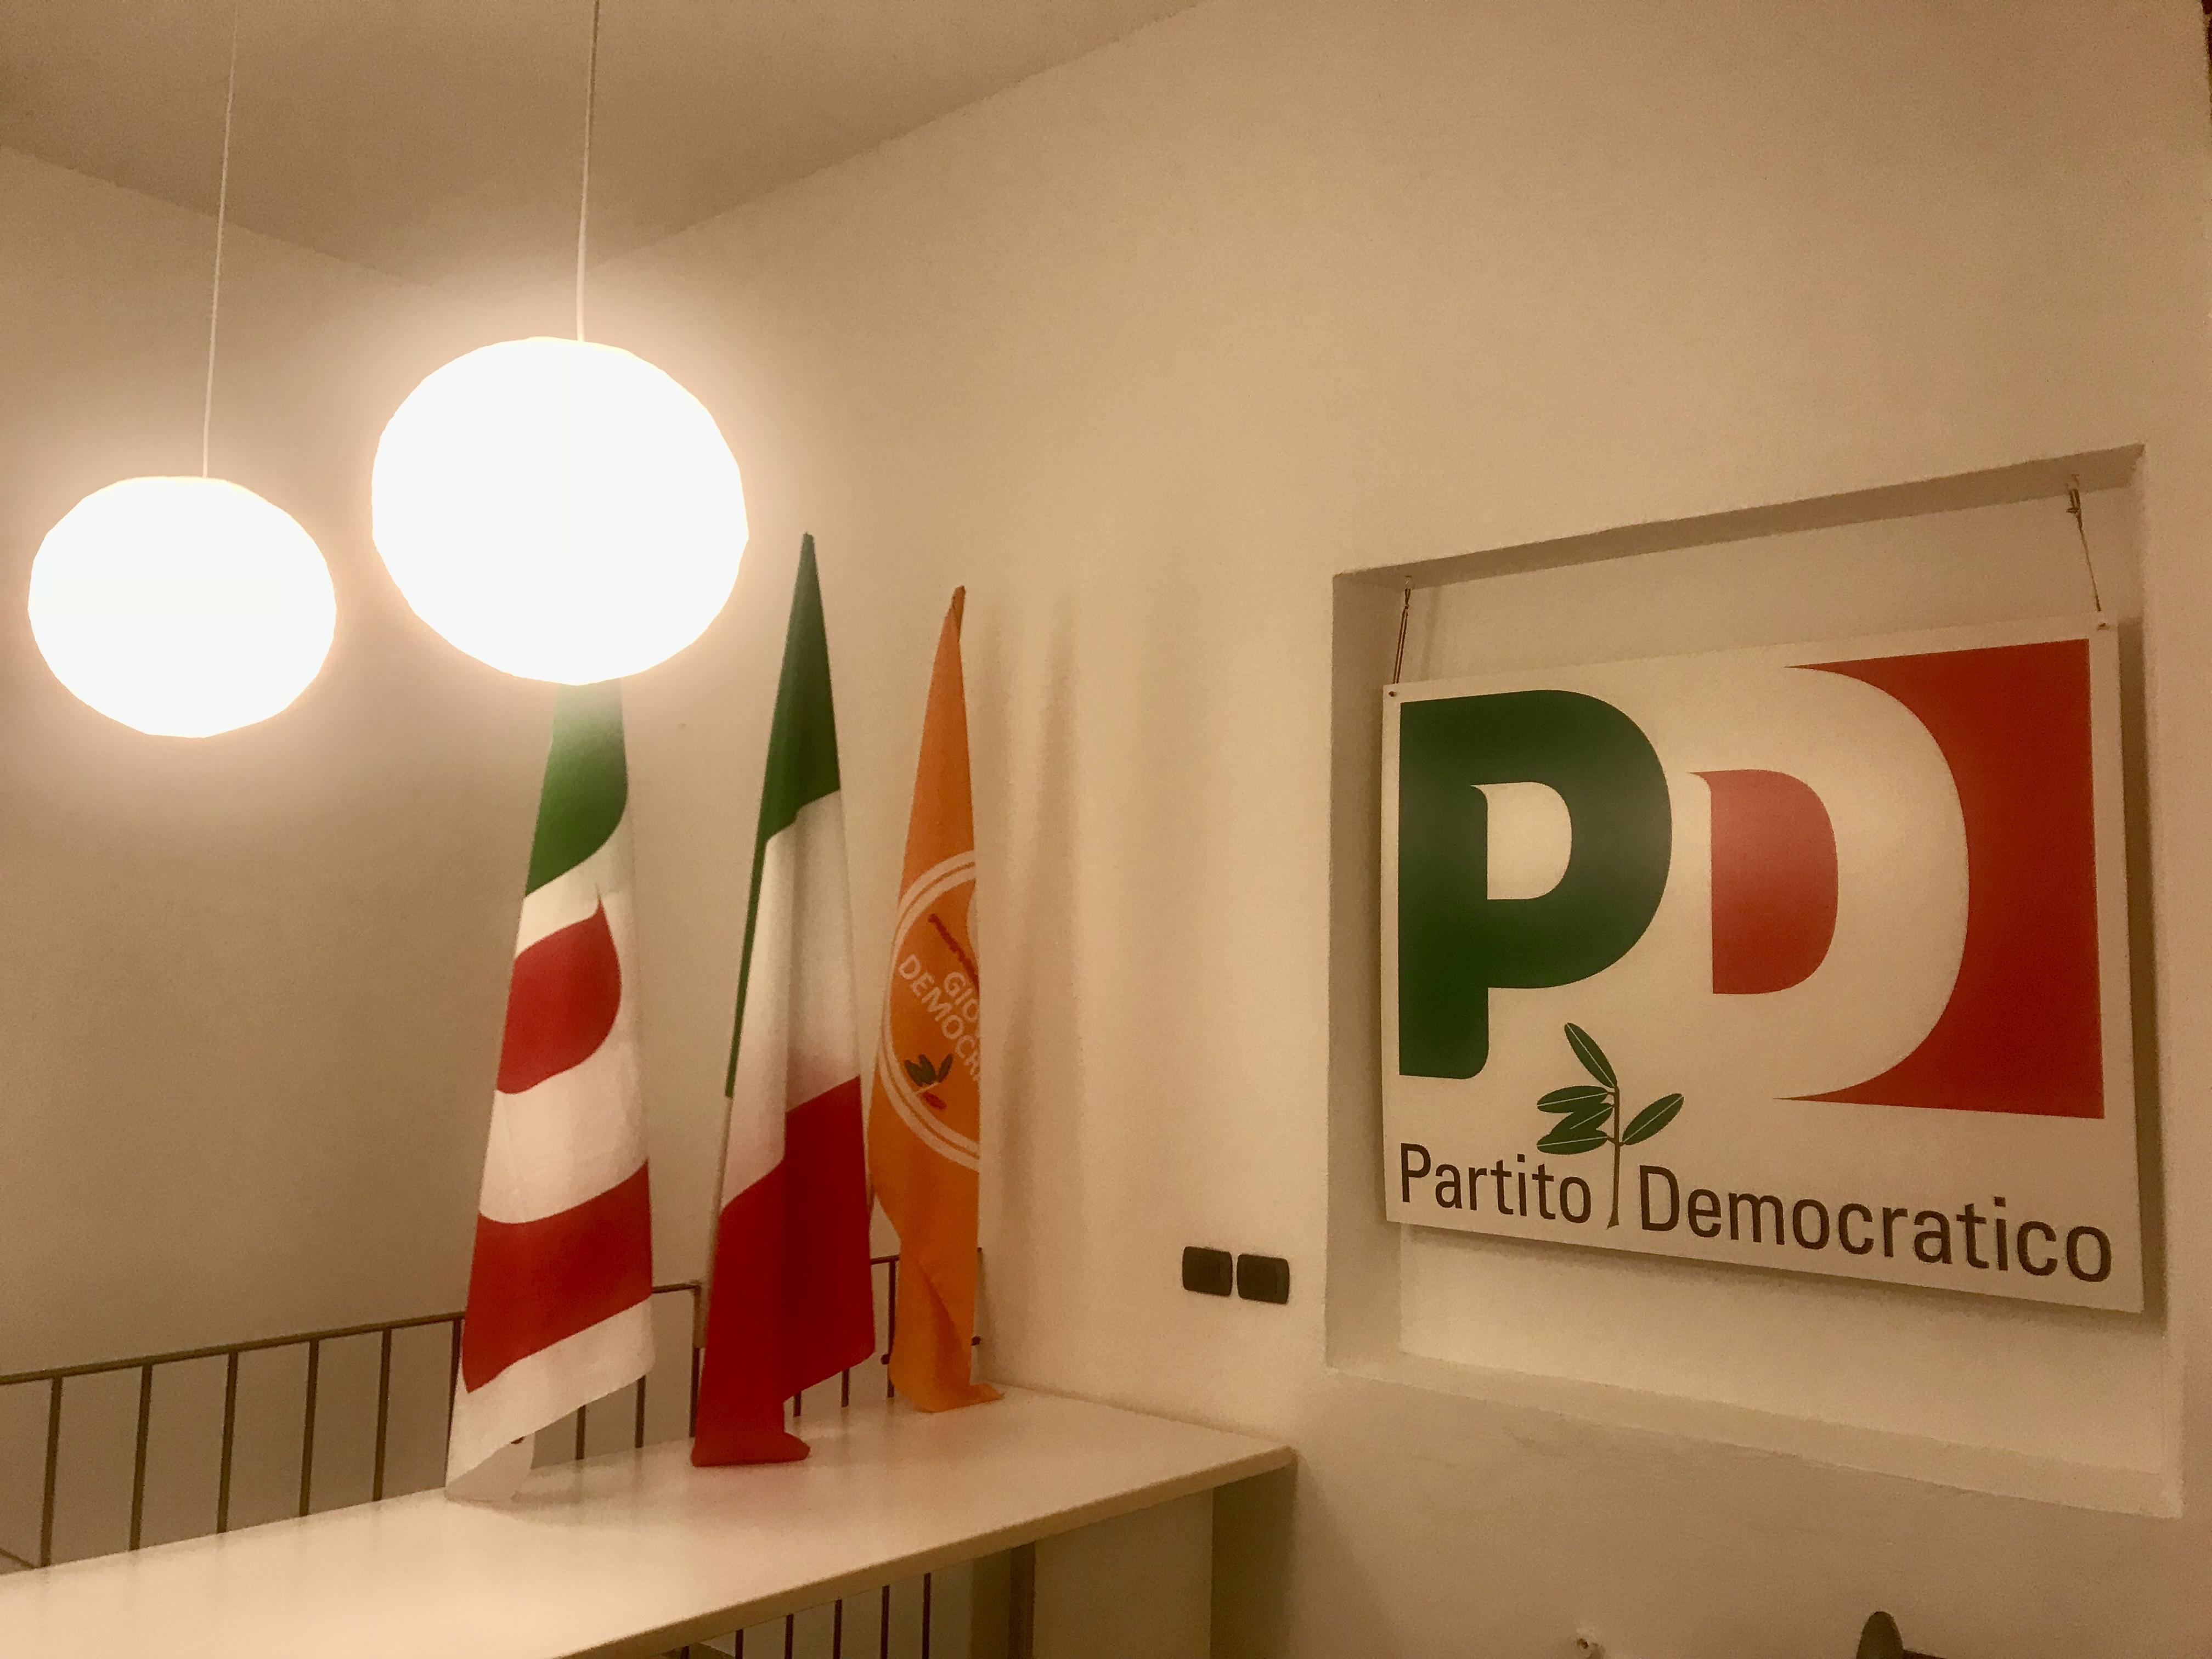 Il Partito Democratico di Vercelli formalizza il proprio sostengo alla ricandidatura del sindaco uscente, Maura Forte